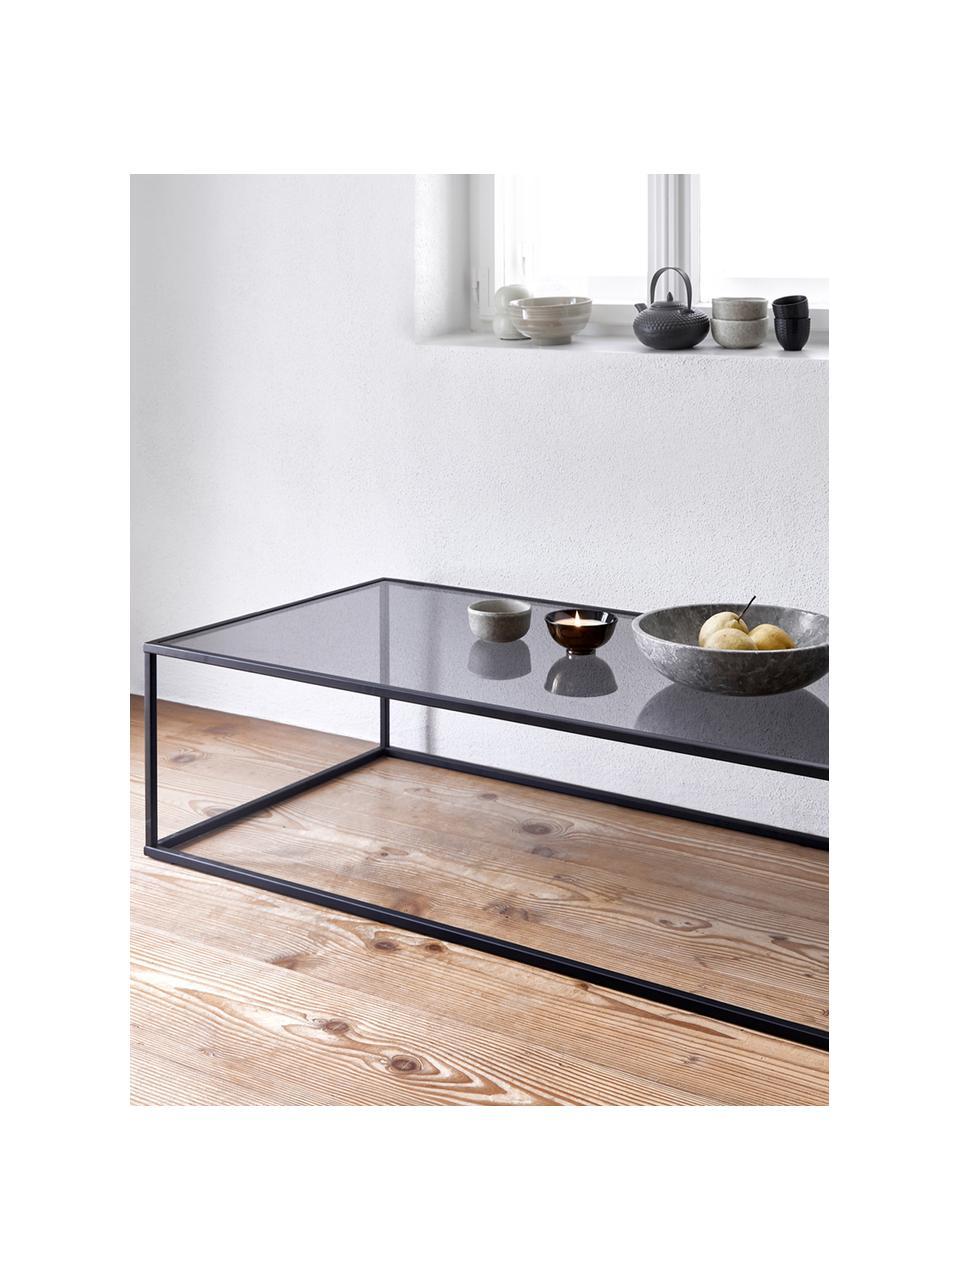 Stolik kawowy ze szklanym blatem Maya, Blat: szkło hartowane, Stelaż: metal malowany proszkowo, Blat: szkło, czarny barwiony Stelaż: czarny, matowy, S 110 x W 36 cm